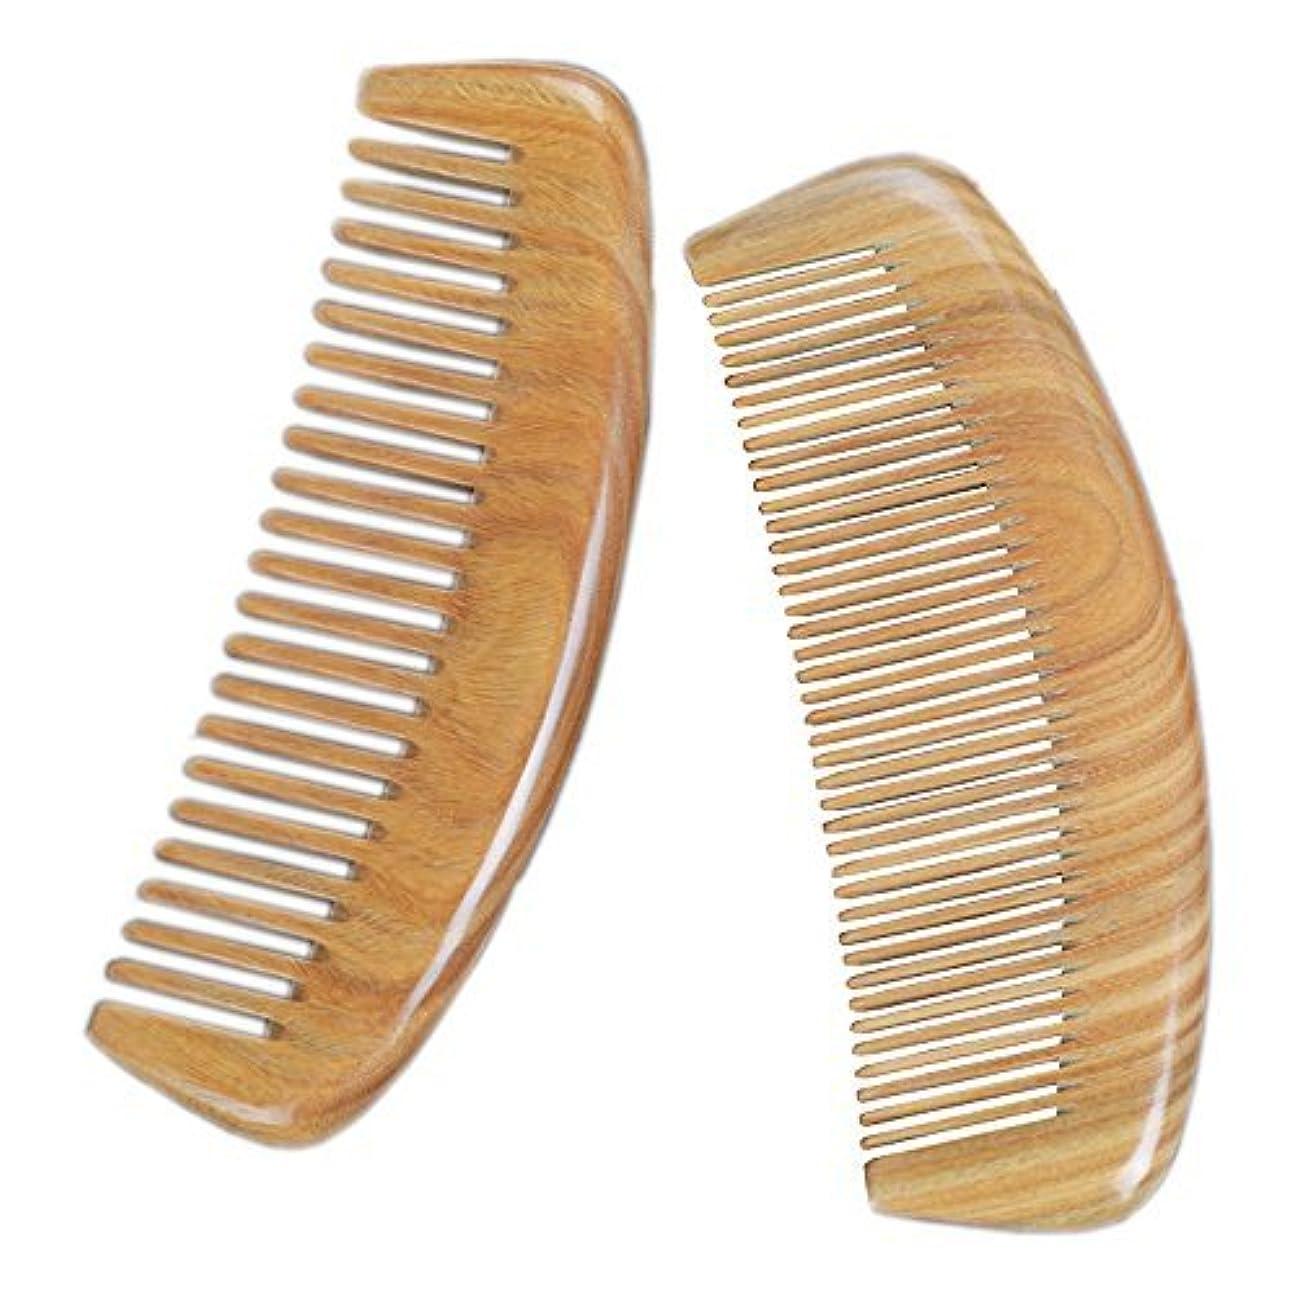 サイドボード数学壊すLiveZone Handmade Natural Green Sandalwood 2-Count(Minute Tooth and Wide Tooth Wood Comb) Hair Comb with Natural...